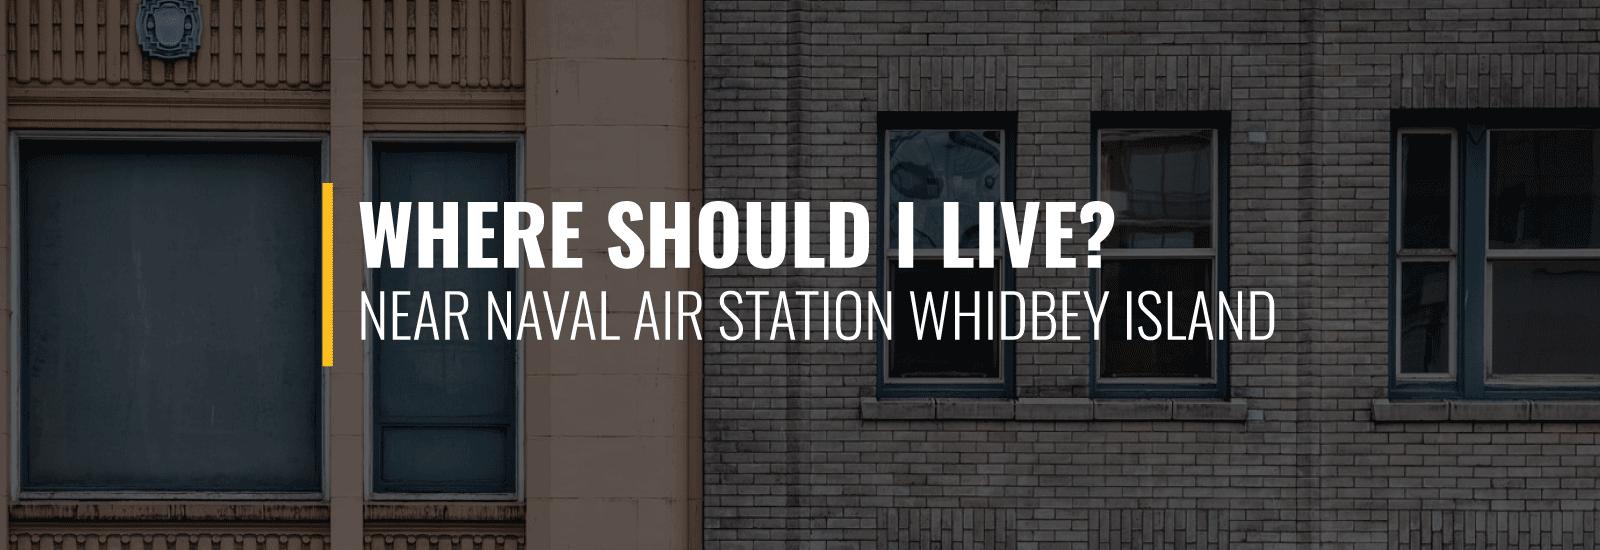 Where Should I Live Near NAS Whidbey Island?